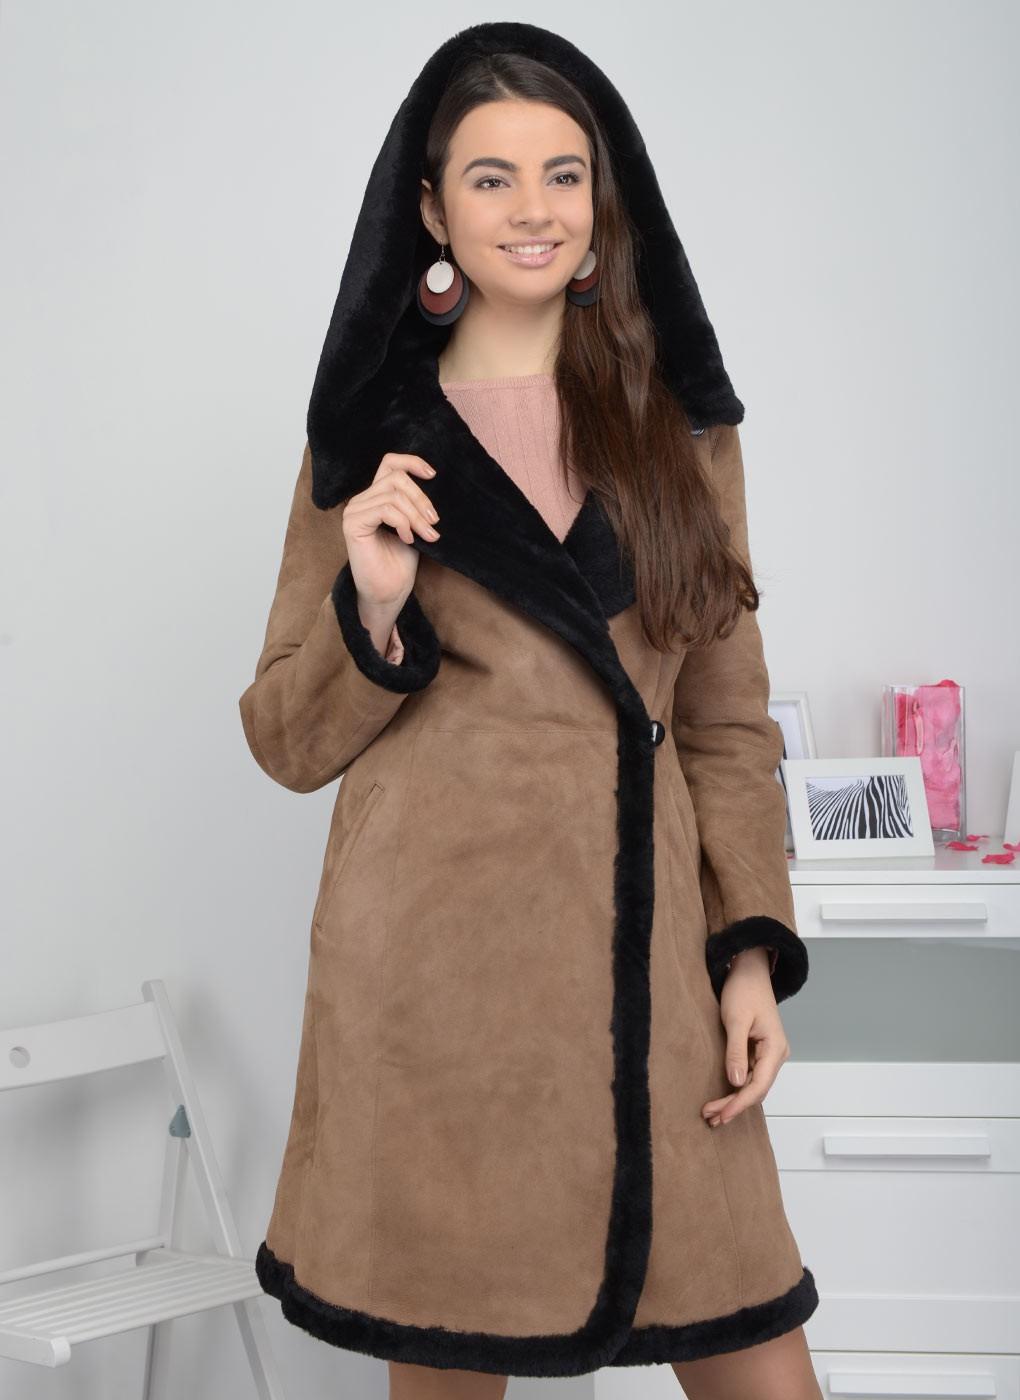 модные женские дубленки 2018: дубленка классика миди коричневая с мехом черным